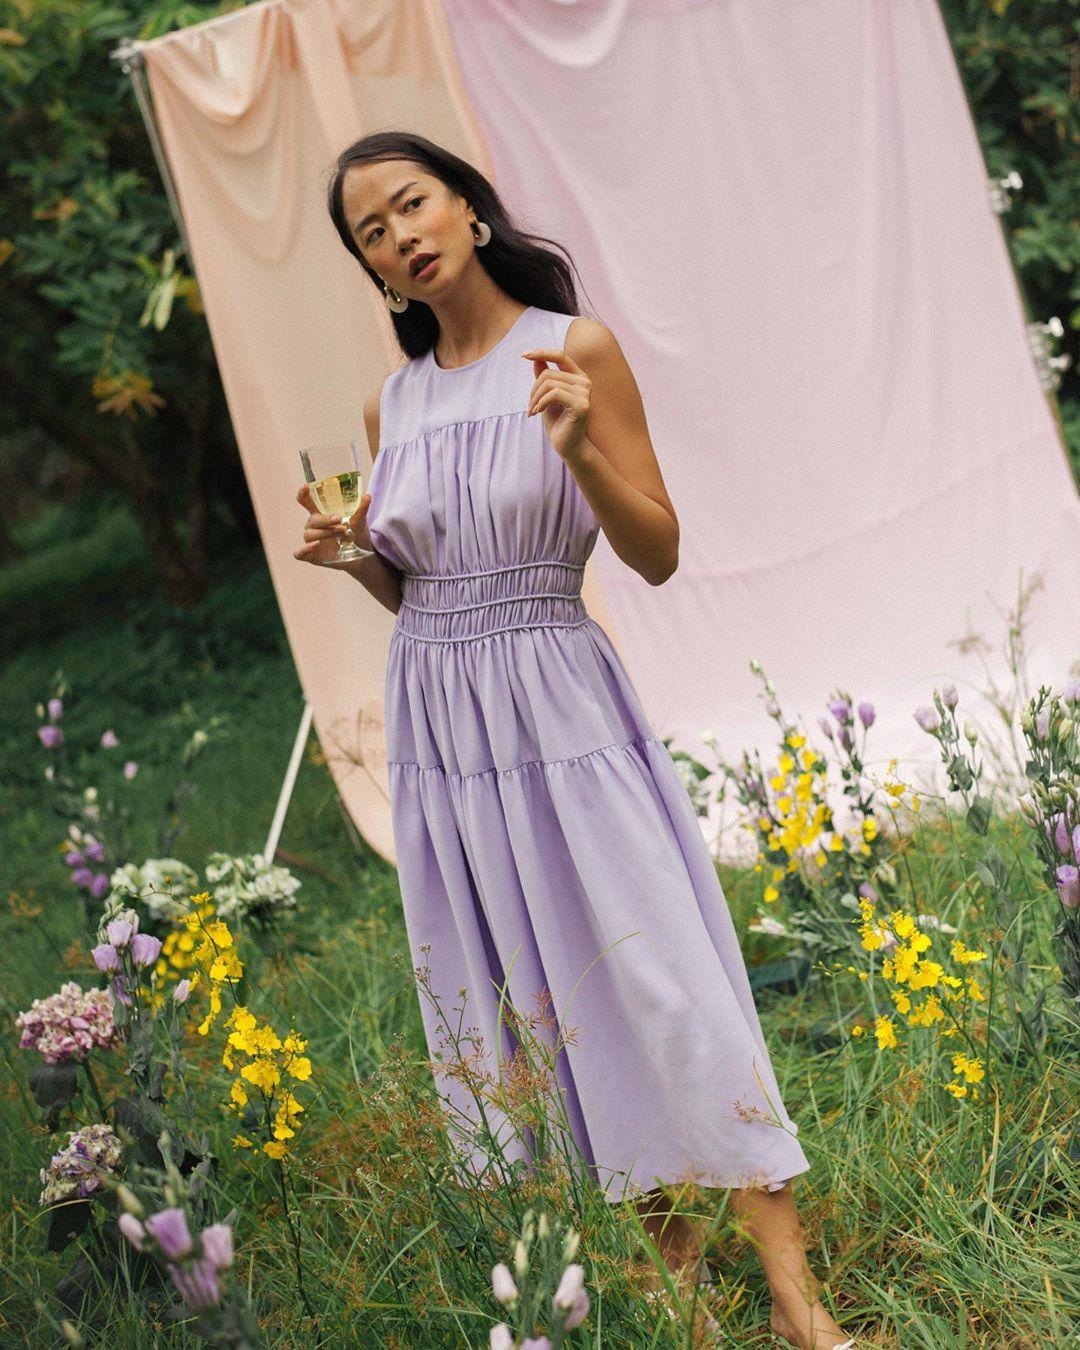 Hồng Diễm lên đồ đi du lịch với toàn món hot trend nhưng vẫn để lọt một bộ đầm tím sến súa làm tụt điểm phong cách - Ảnh 7.